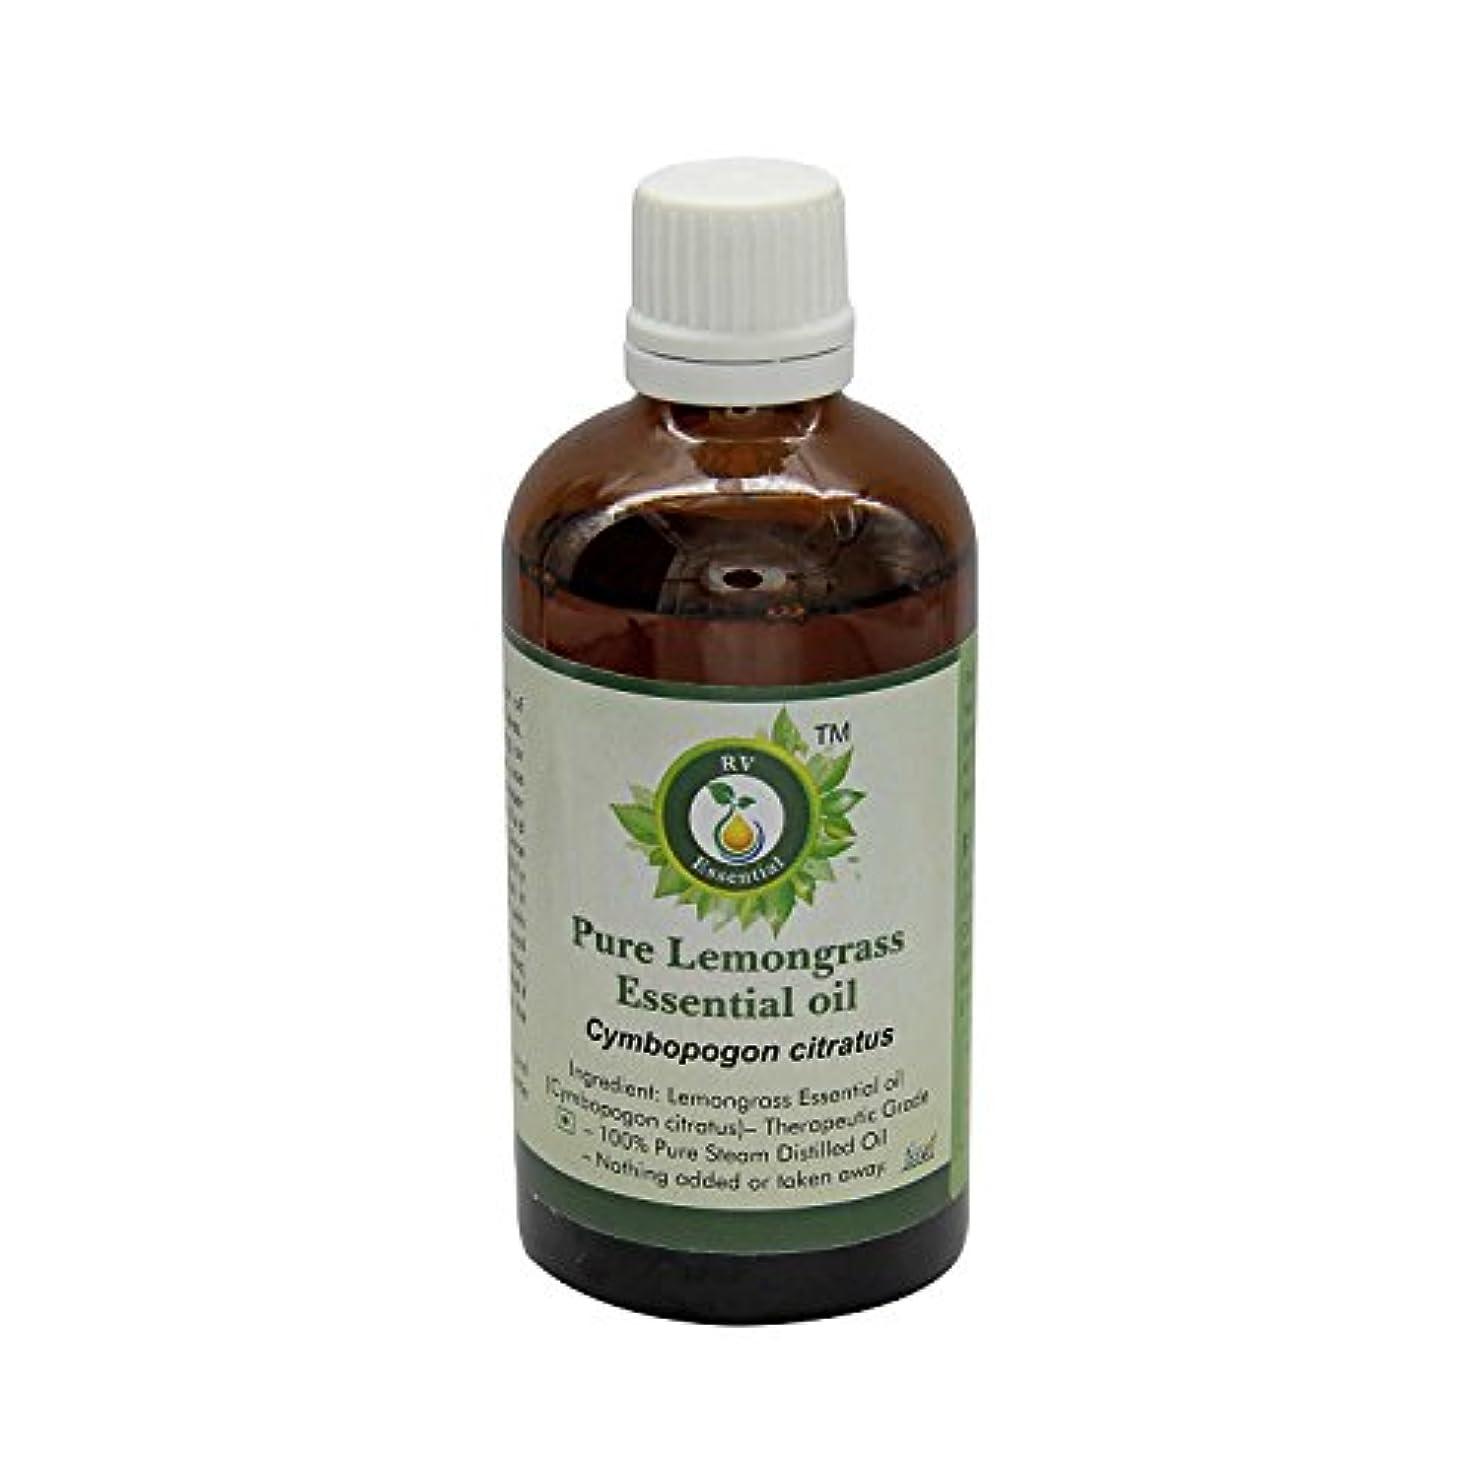 混乱させる苦情文句哺乳類R V Essential ピュアレモングラスエッセンシャルオイル5ml (0.169oz)- Cymbopogon Citratus (100%純粋&天然スチームDistilled) Pure Lemongrass Essential...